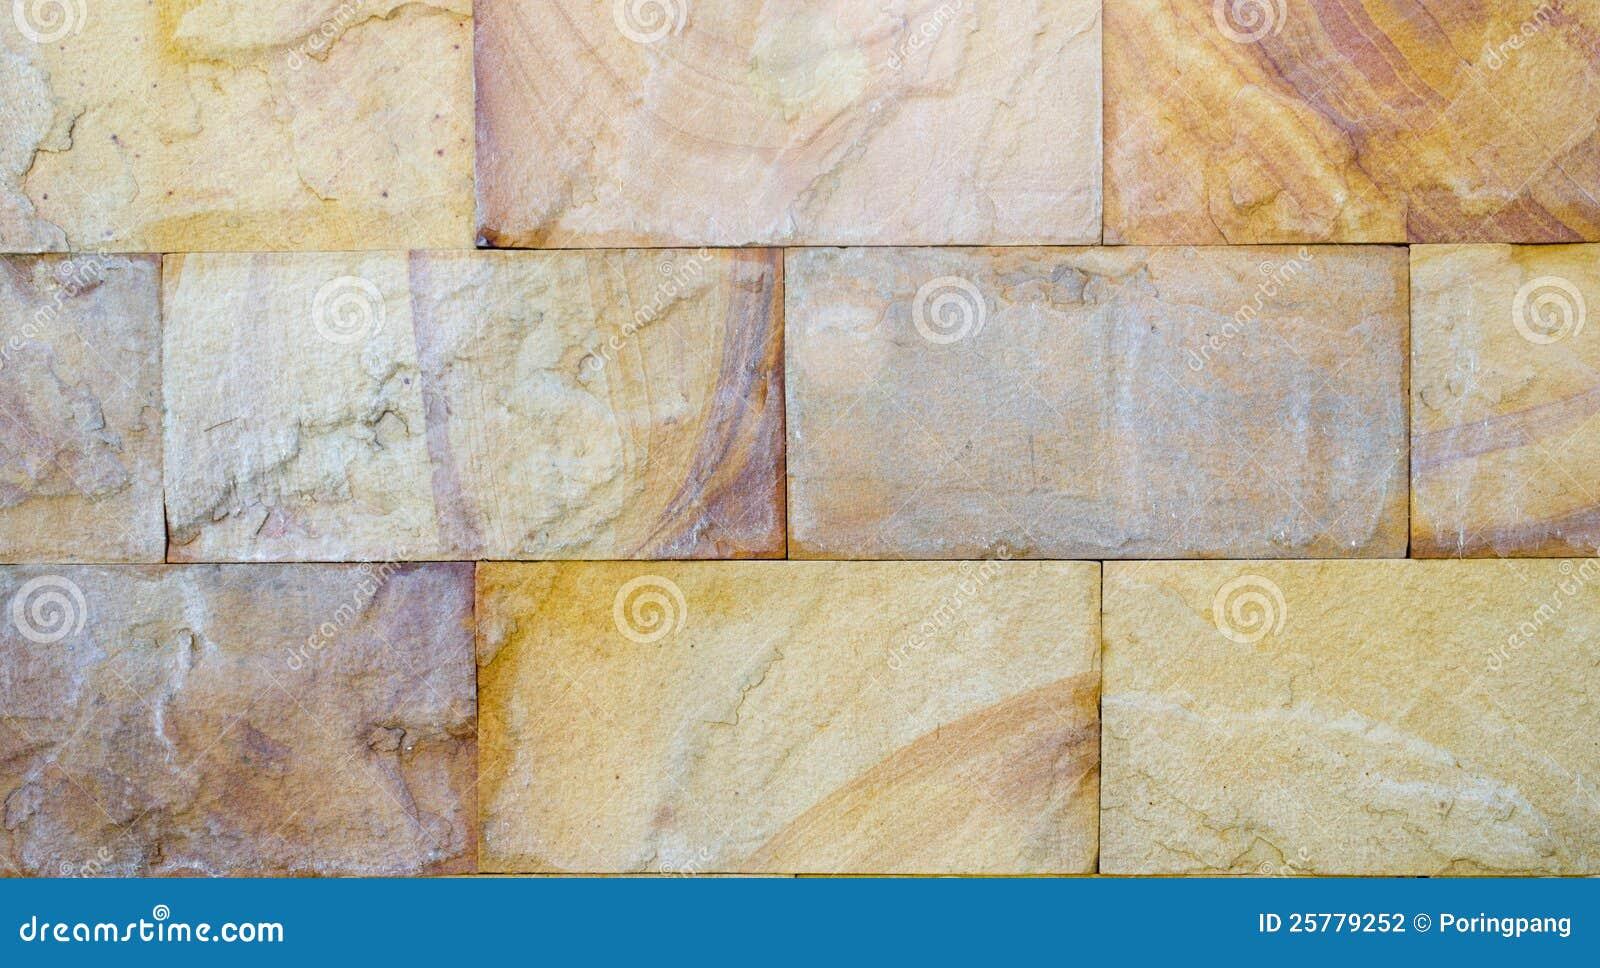 texture du mur en pierre de vieux rectangle pour le fond photographie stock image 25779252. Black Bedroom Furniture Sets. Home Design Ideas